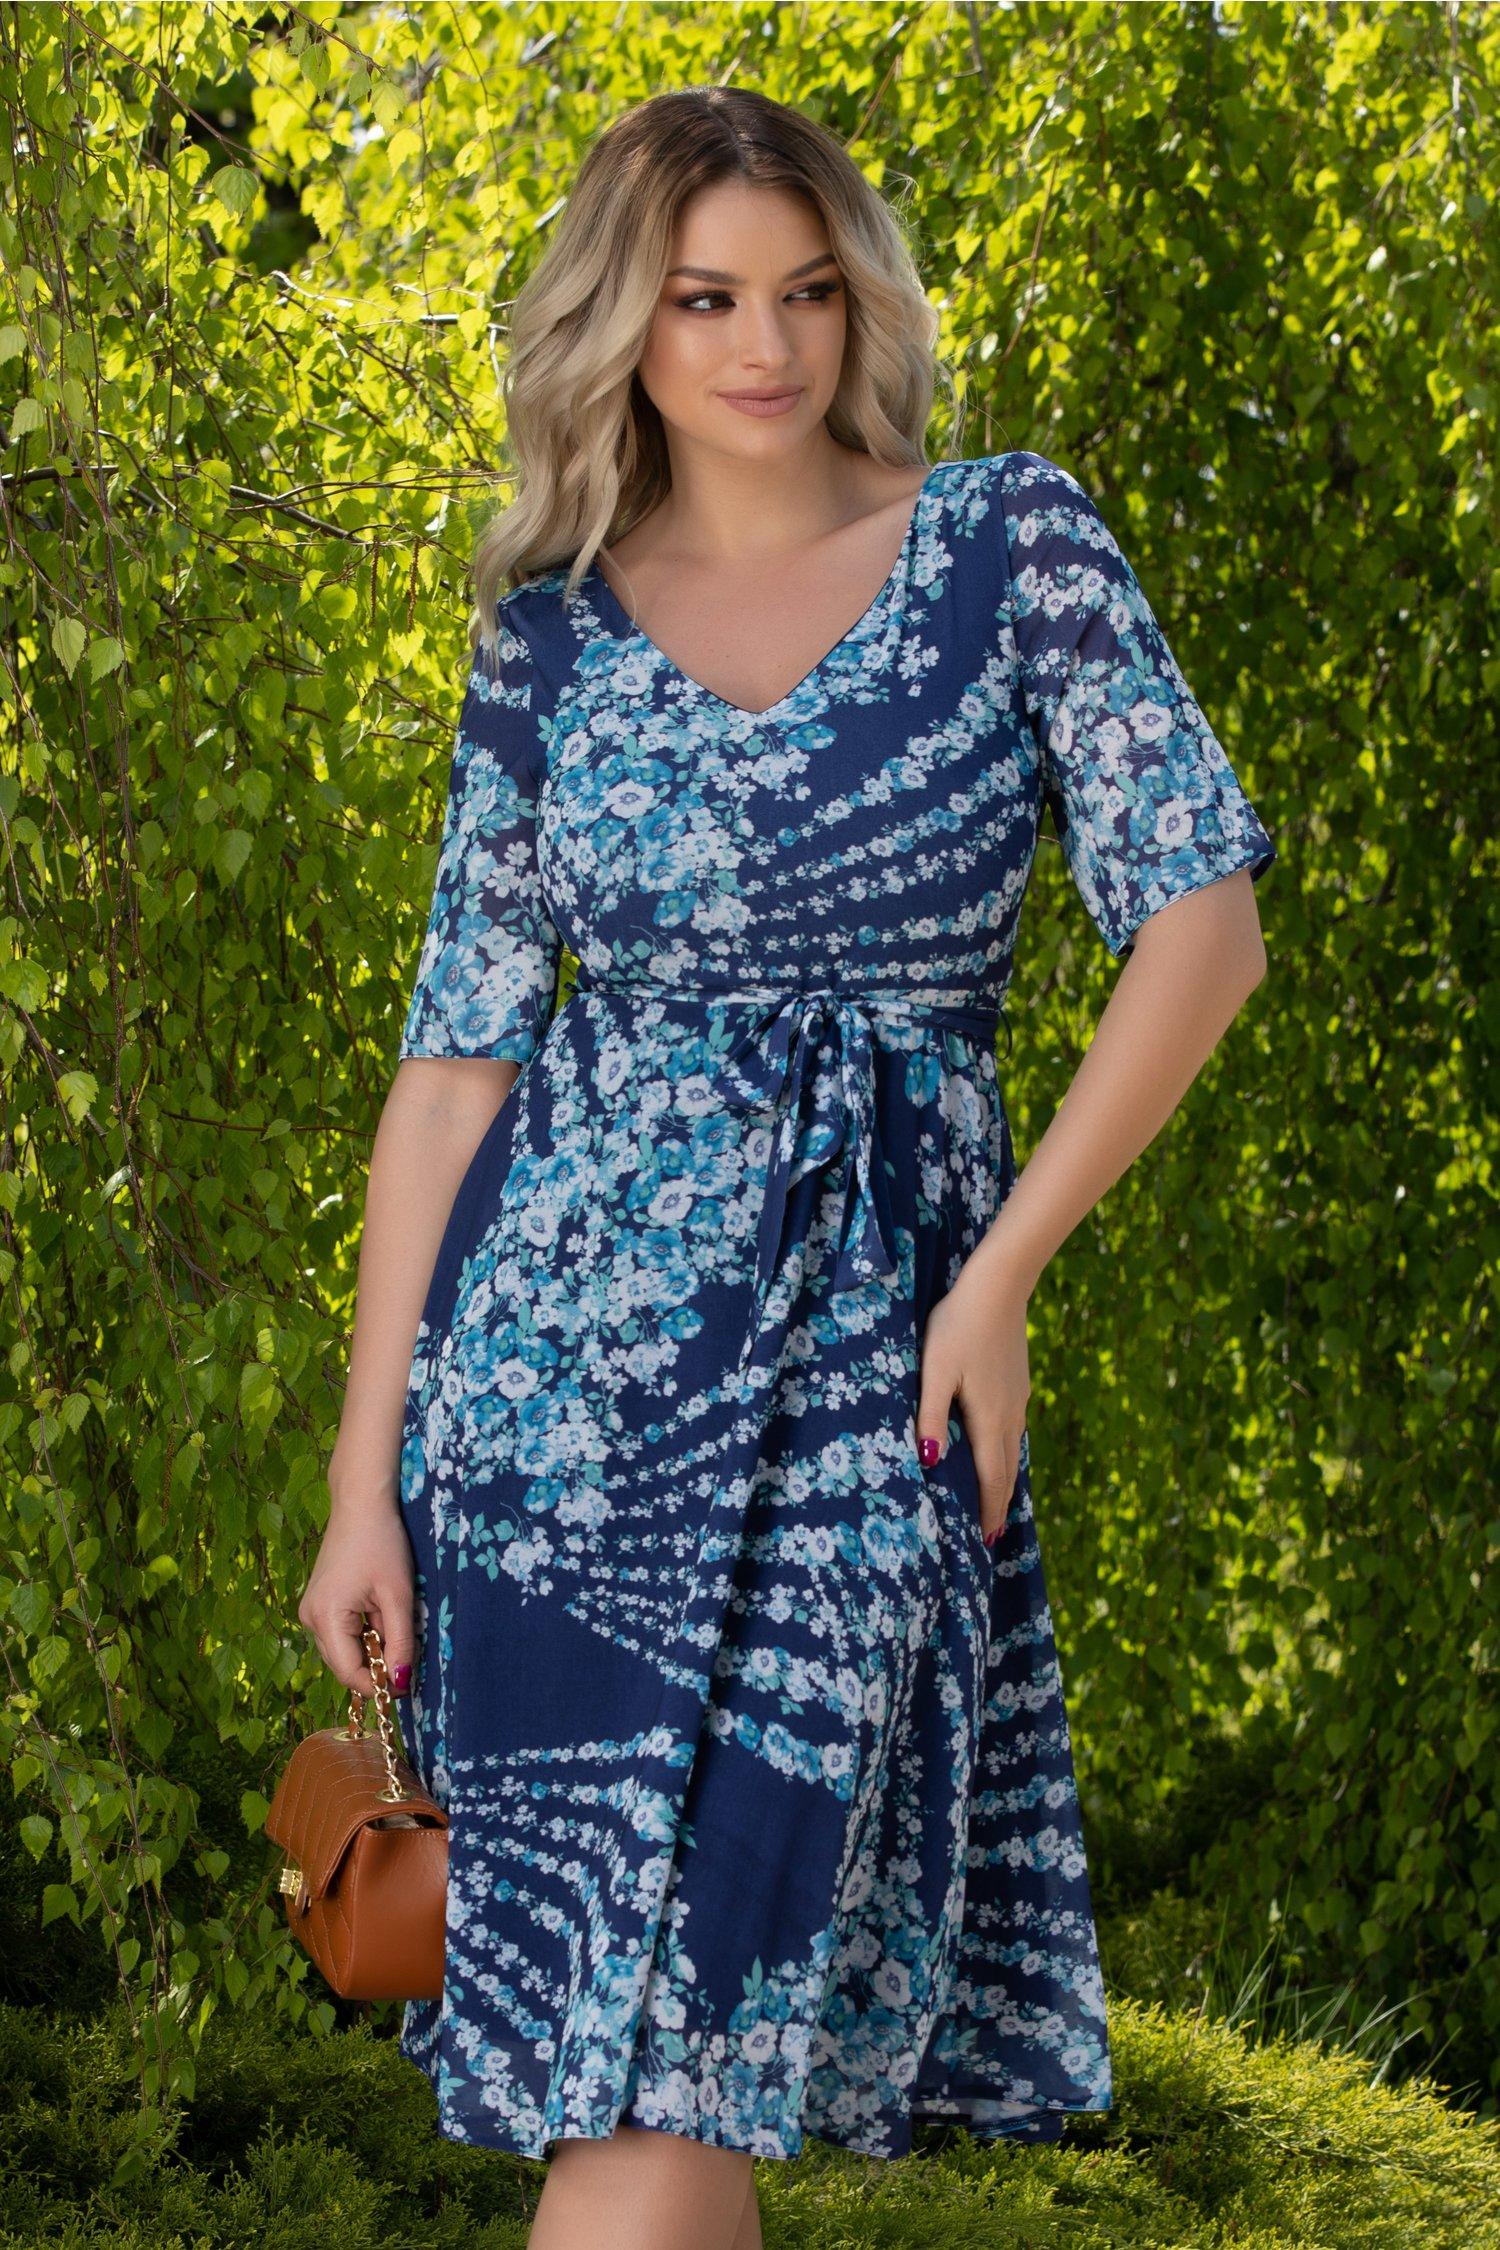 Rochie Alma vaporoasa bleumarin cu imprimeu floral